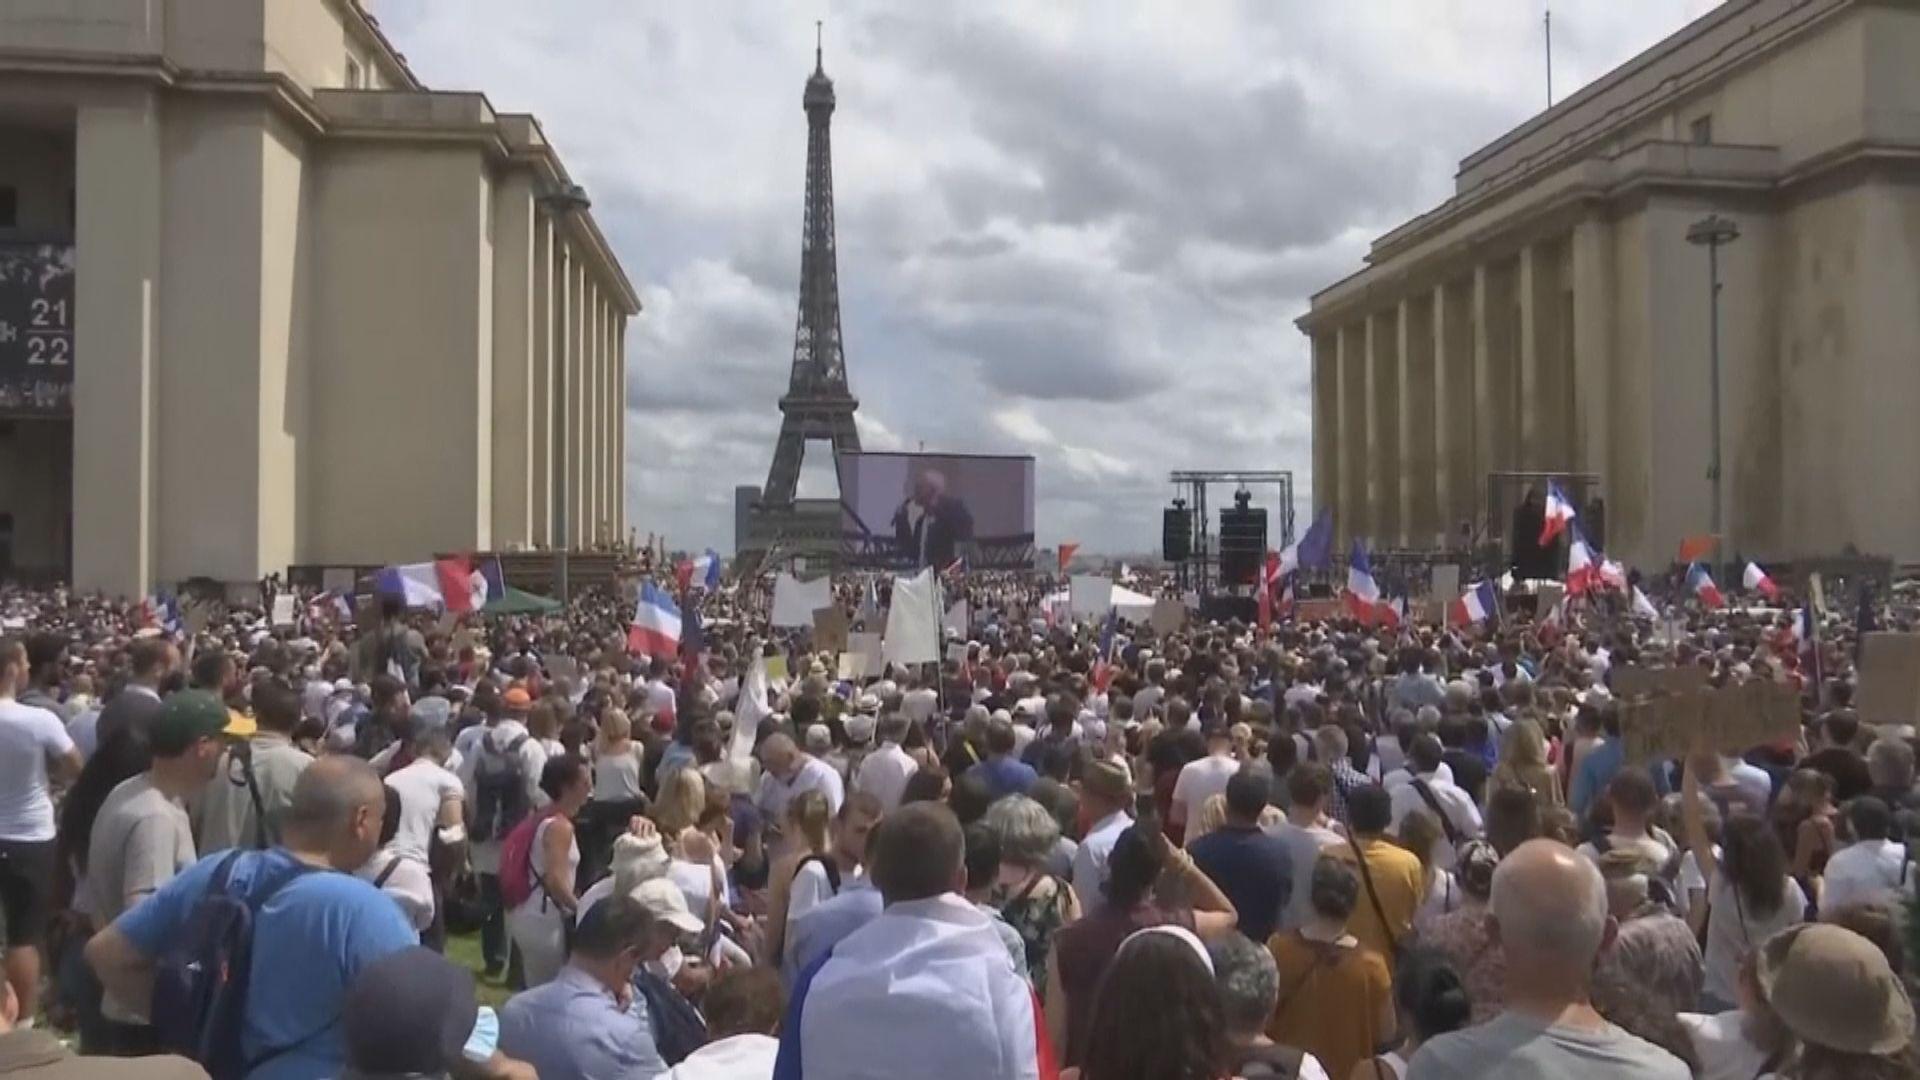 【即日焦點】唐英傑煽動分裂國家及恐怖活動罪成 法官:有意威脅公眾並帶政治目的;法國沒打疫苗將限進食肆惹十多萬人示威